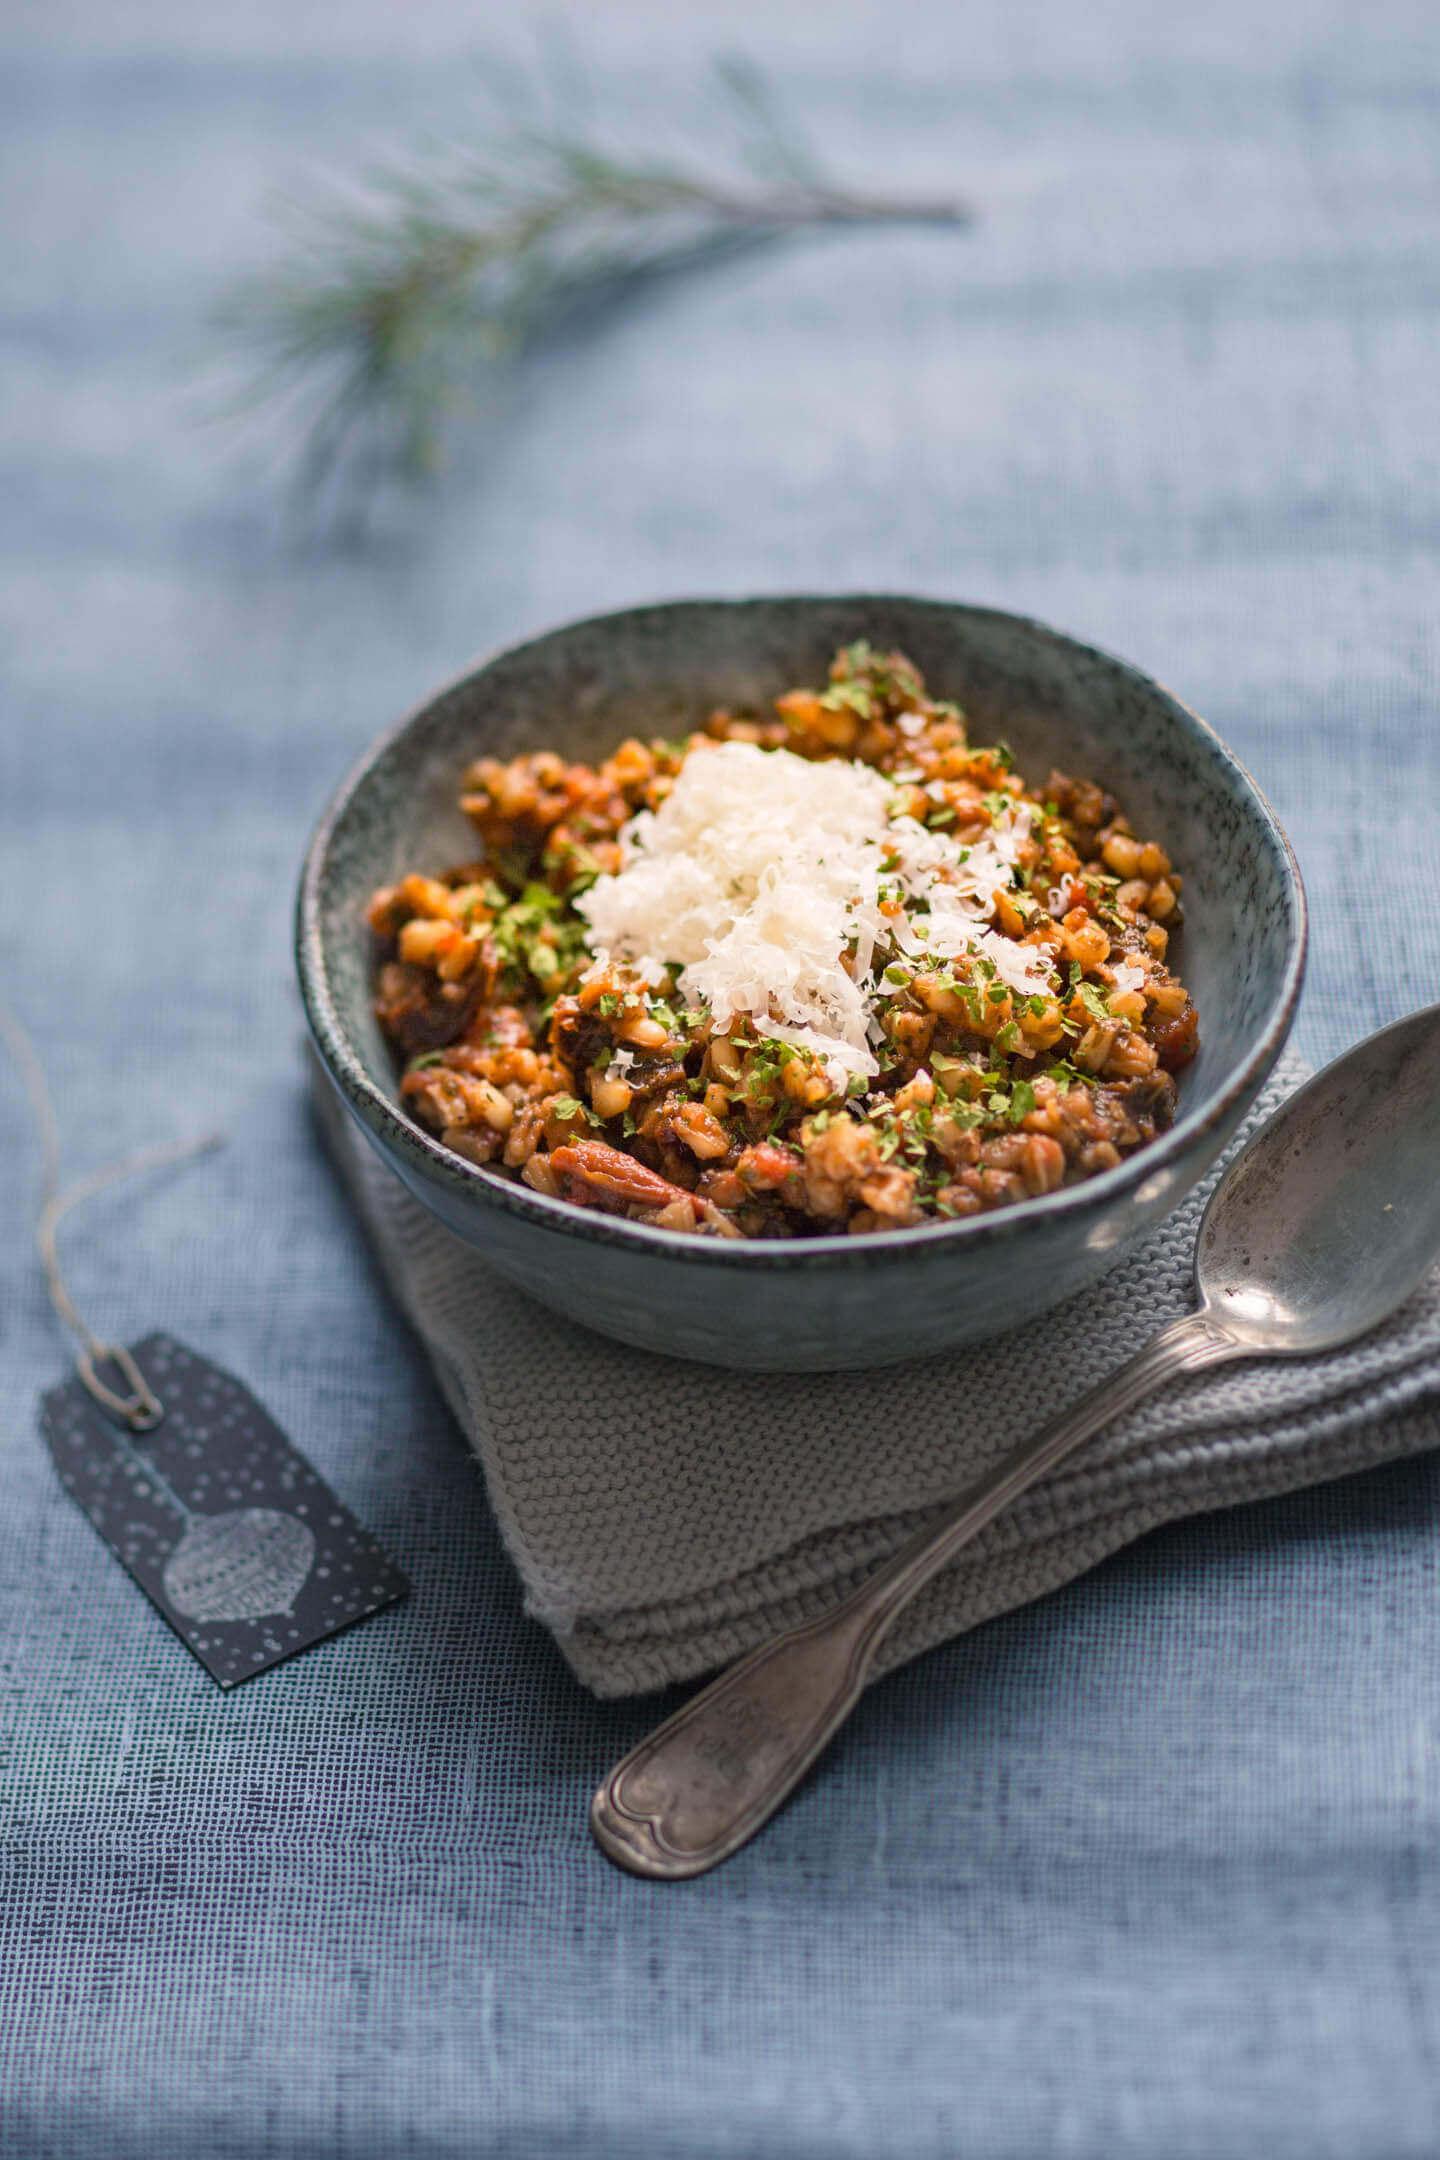 Italienischer Graupeneintopf: Geschenke aus der Küche!